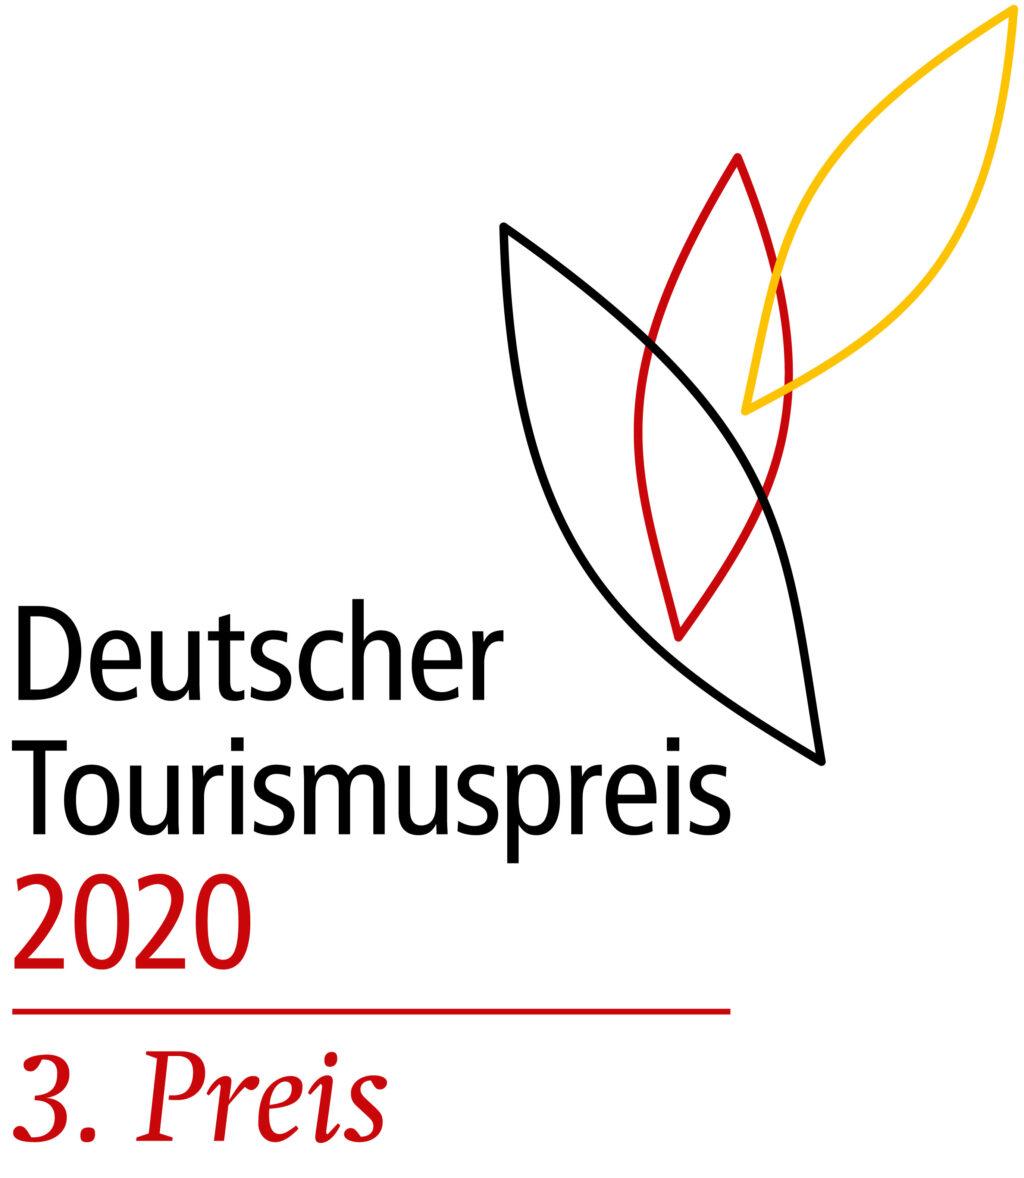 Logo als Drittplatzierter beim Deutschen Tourismuspreis